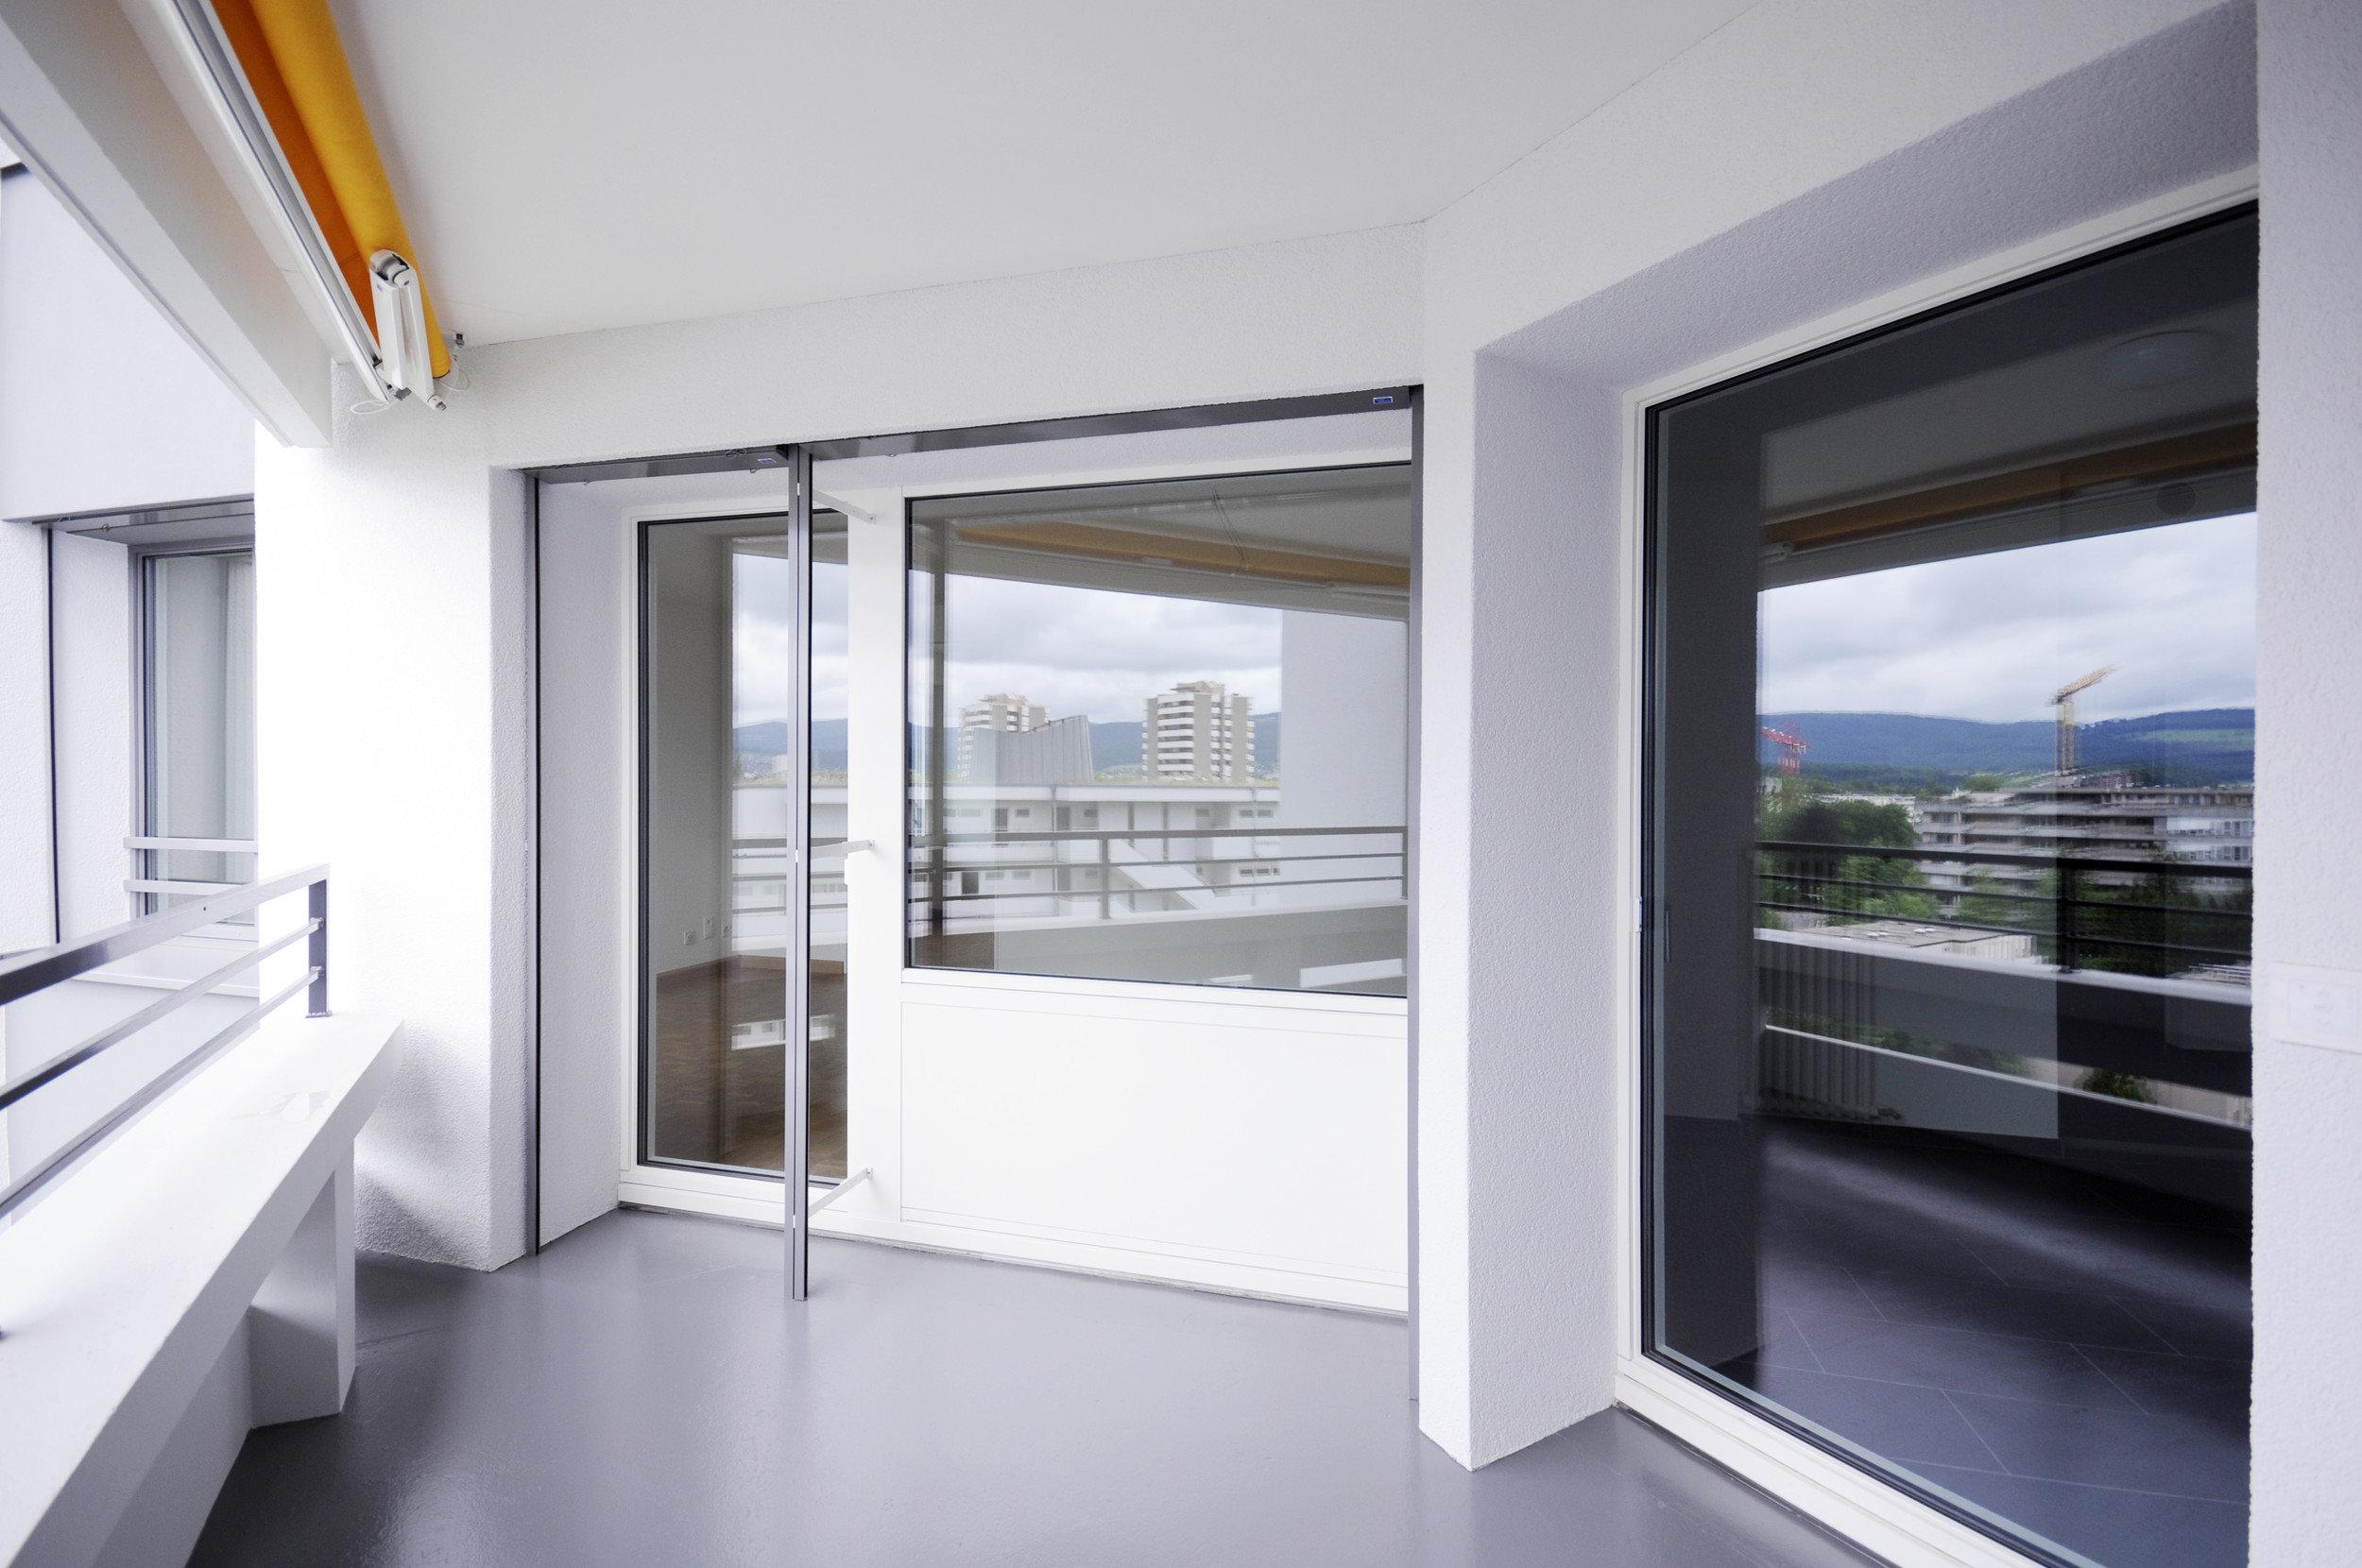 Balkon mit Absturzsicherung und Fenster in Holz-Metall